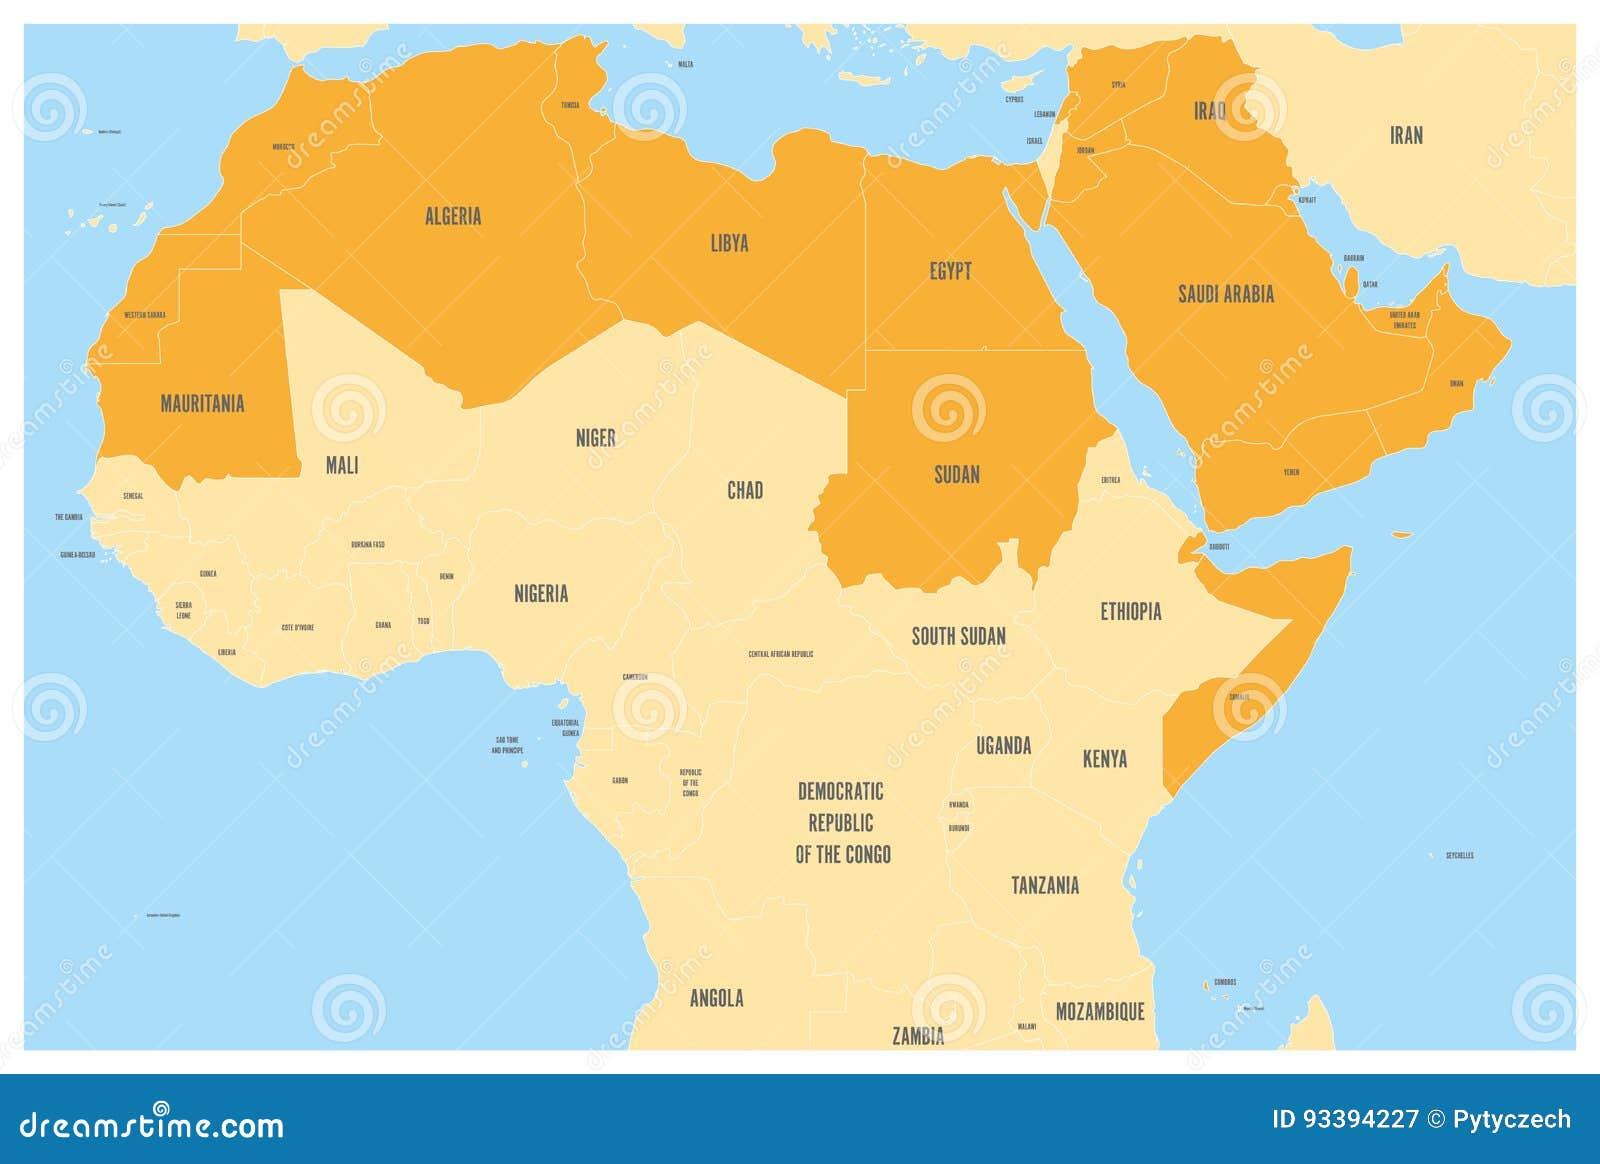 Mondo Arabo Cartina.Il Mondo Arabo Indica La Mappa Politica Con L Arancia Higlighted 22 Paesi Di Lingua Araba Della Lega Araba L Africa Del Nord Illustrazione Vettoriale Illustrazione Di Jordan Islam 93394227